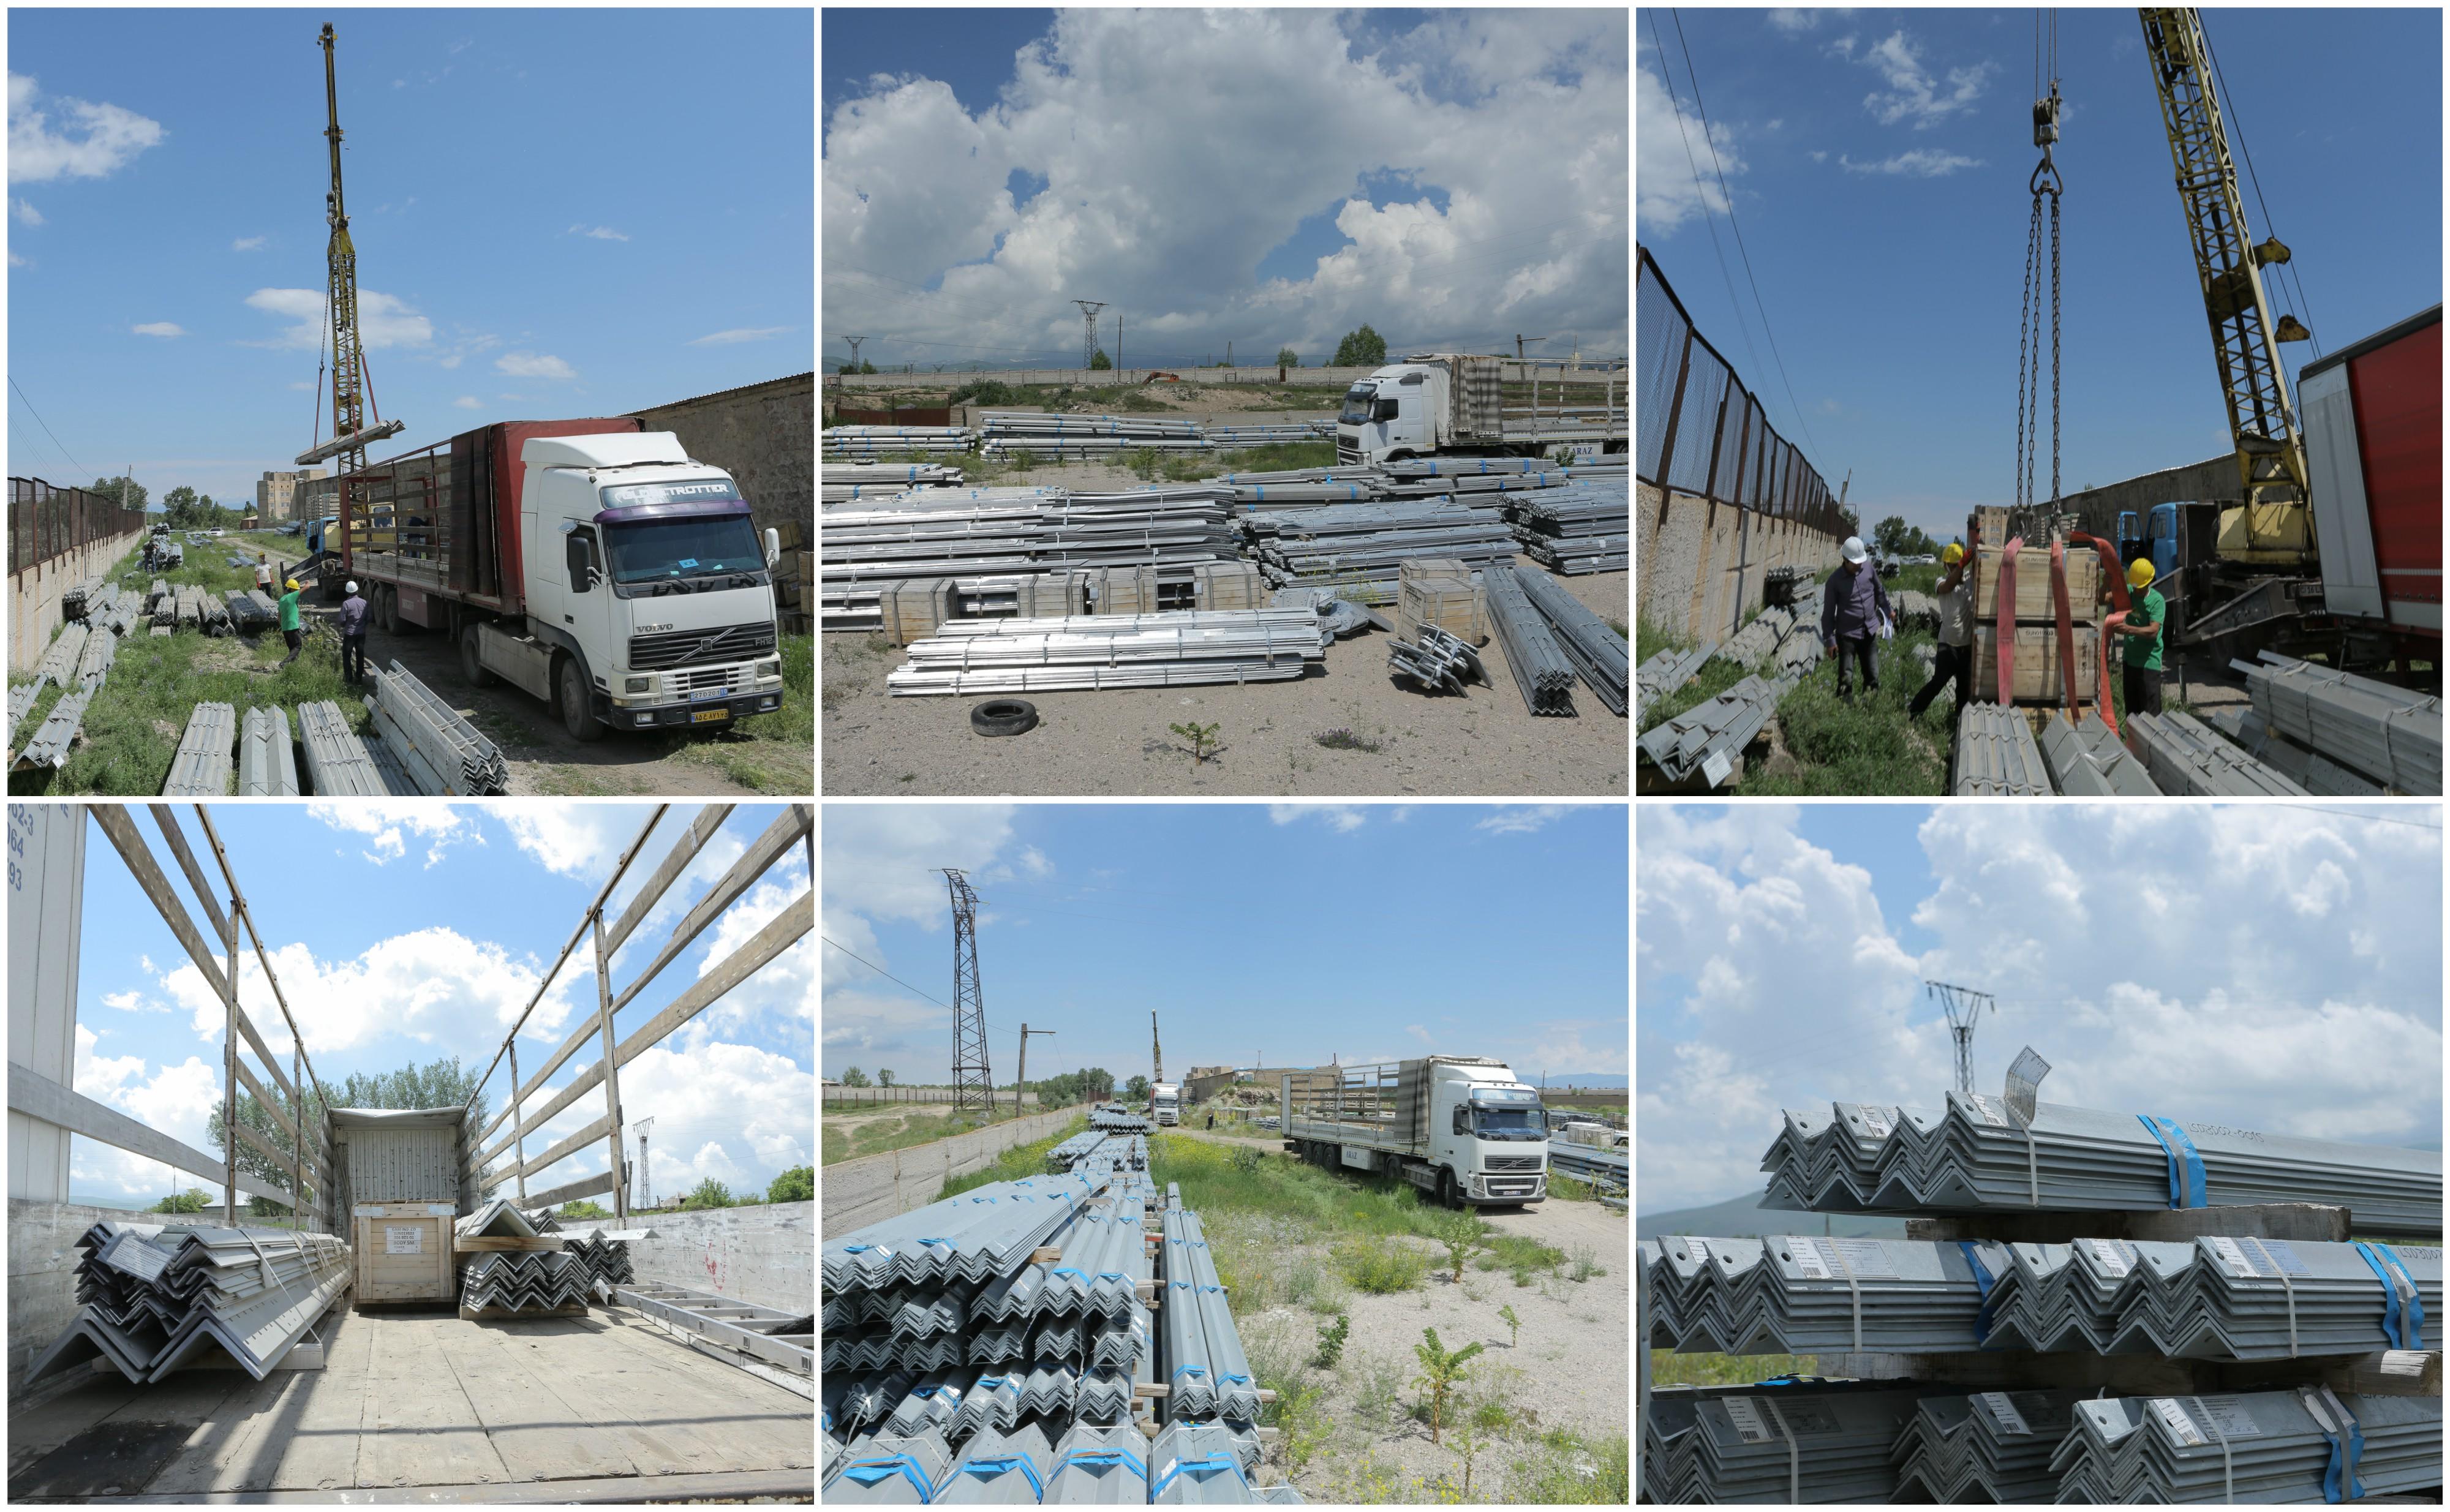 Իրան-Հայաստան 400 կՎ լարման էլեկտրահաղորդման օդային գծի և ենթակայանի կառուցման աշխատանքները նոր թափ են ստացել